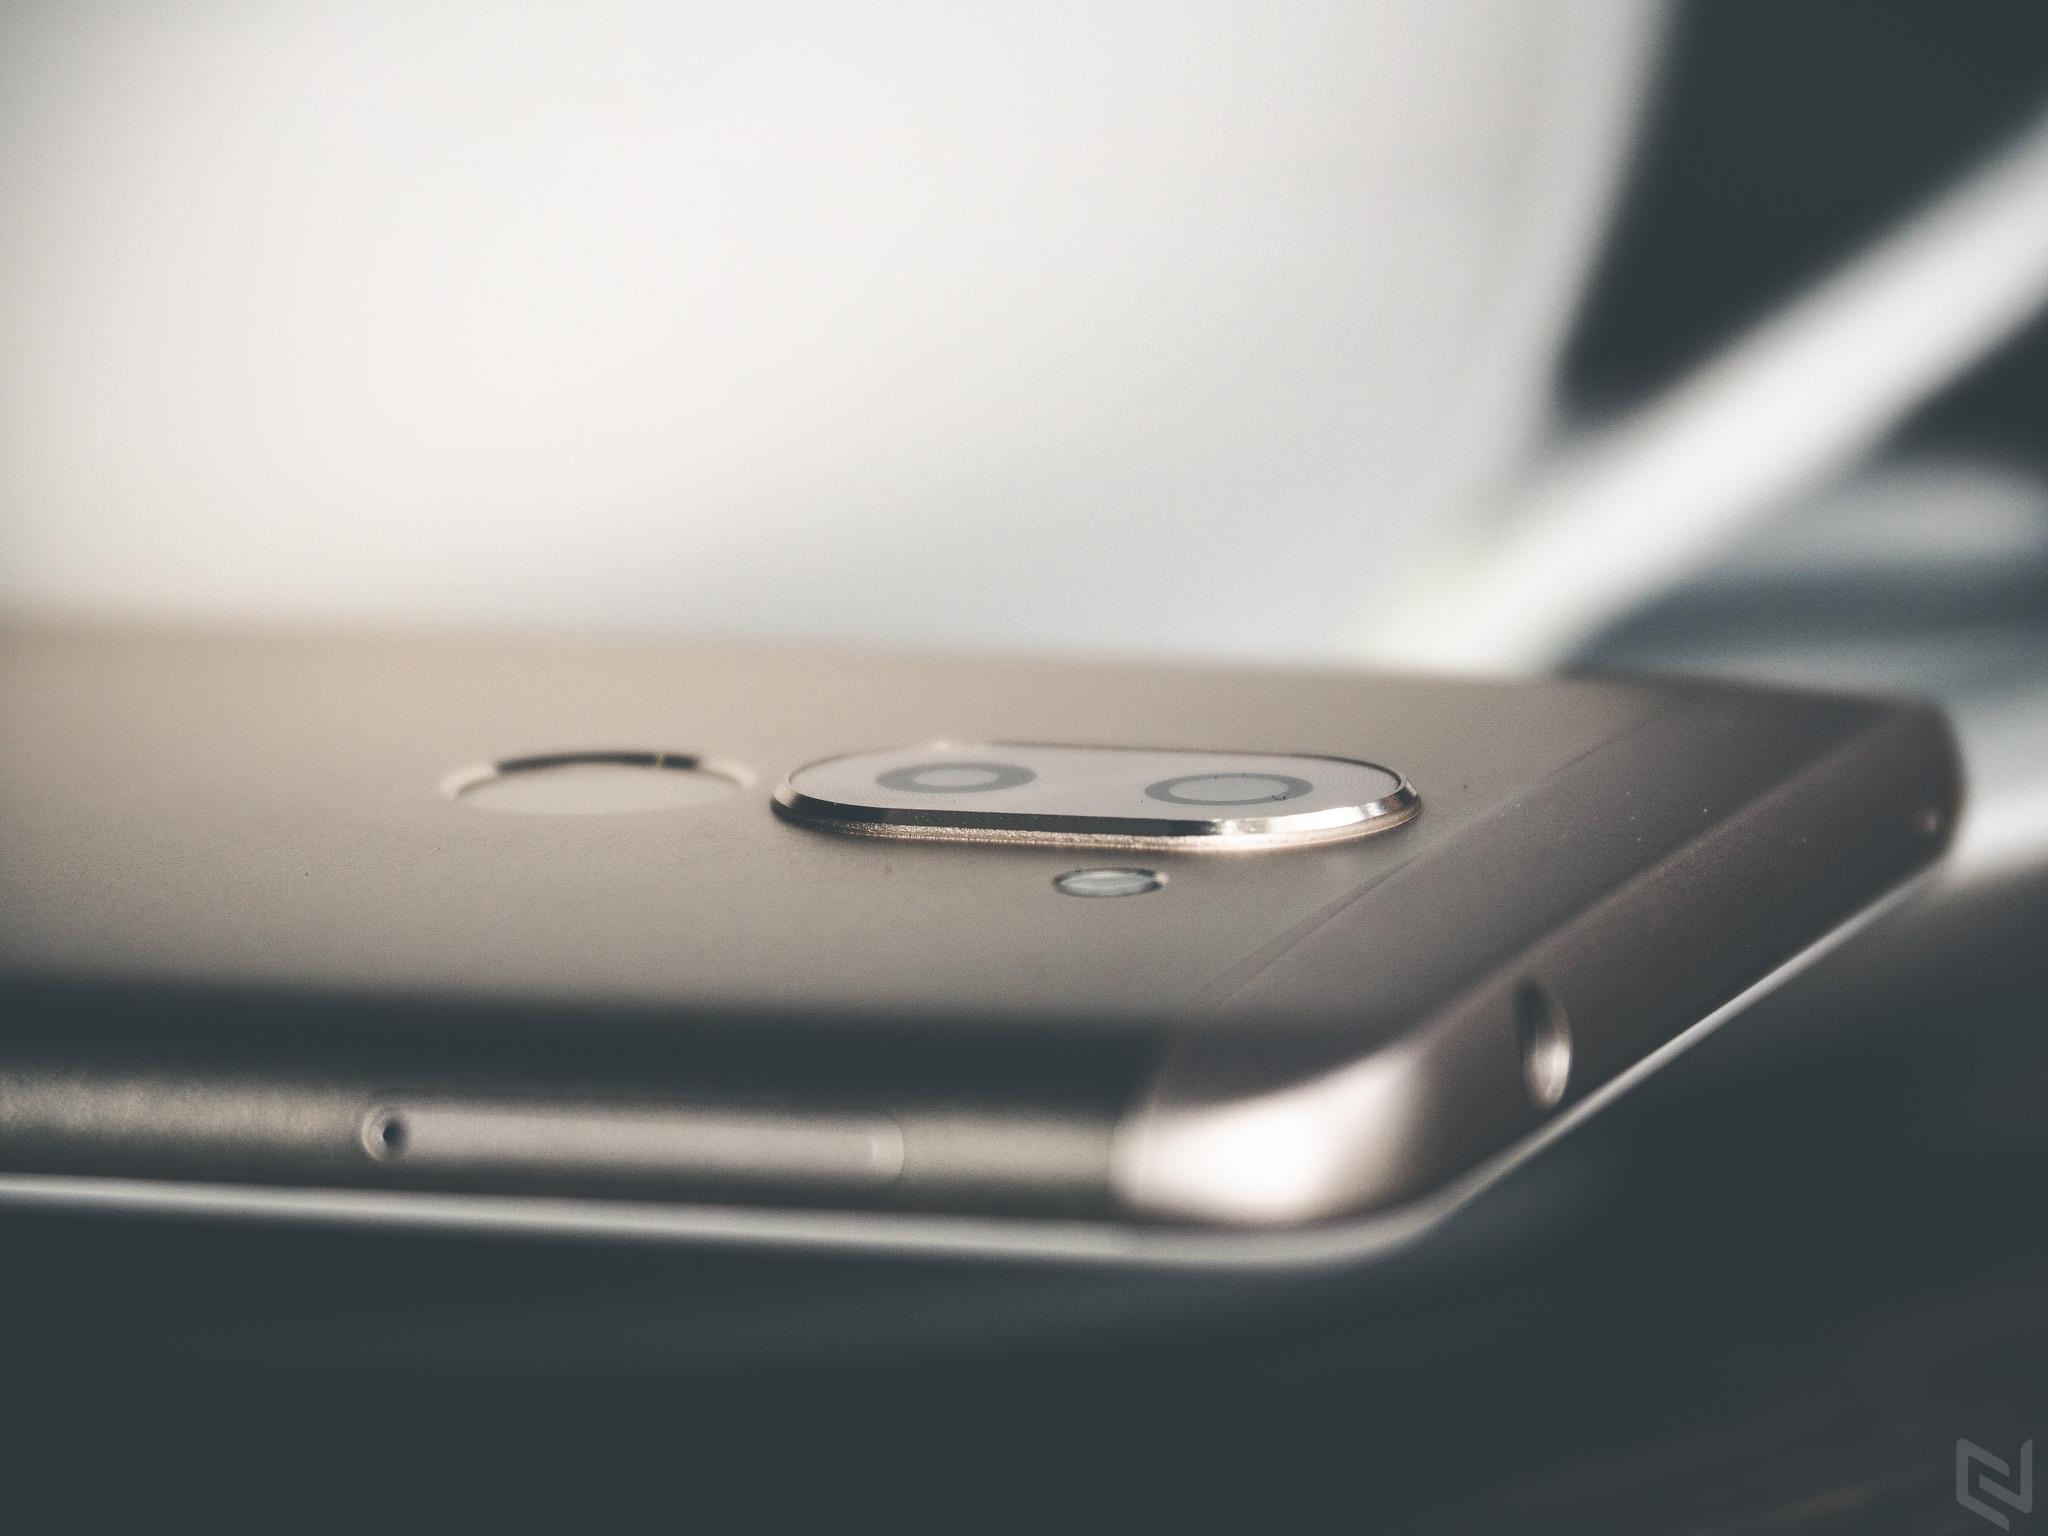 Đi tìm chiếc điện thoại phù hợp với mình trong tầm giá 6 triệu đồng